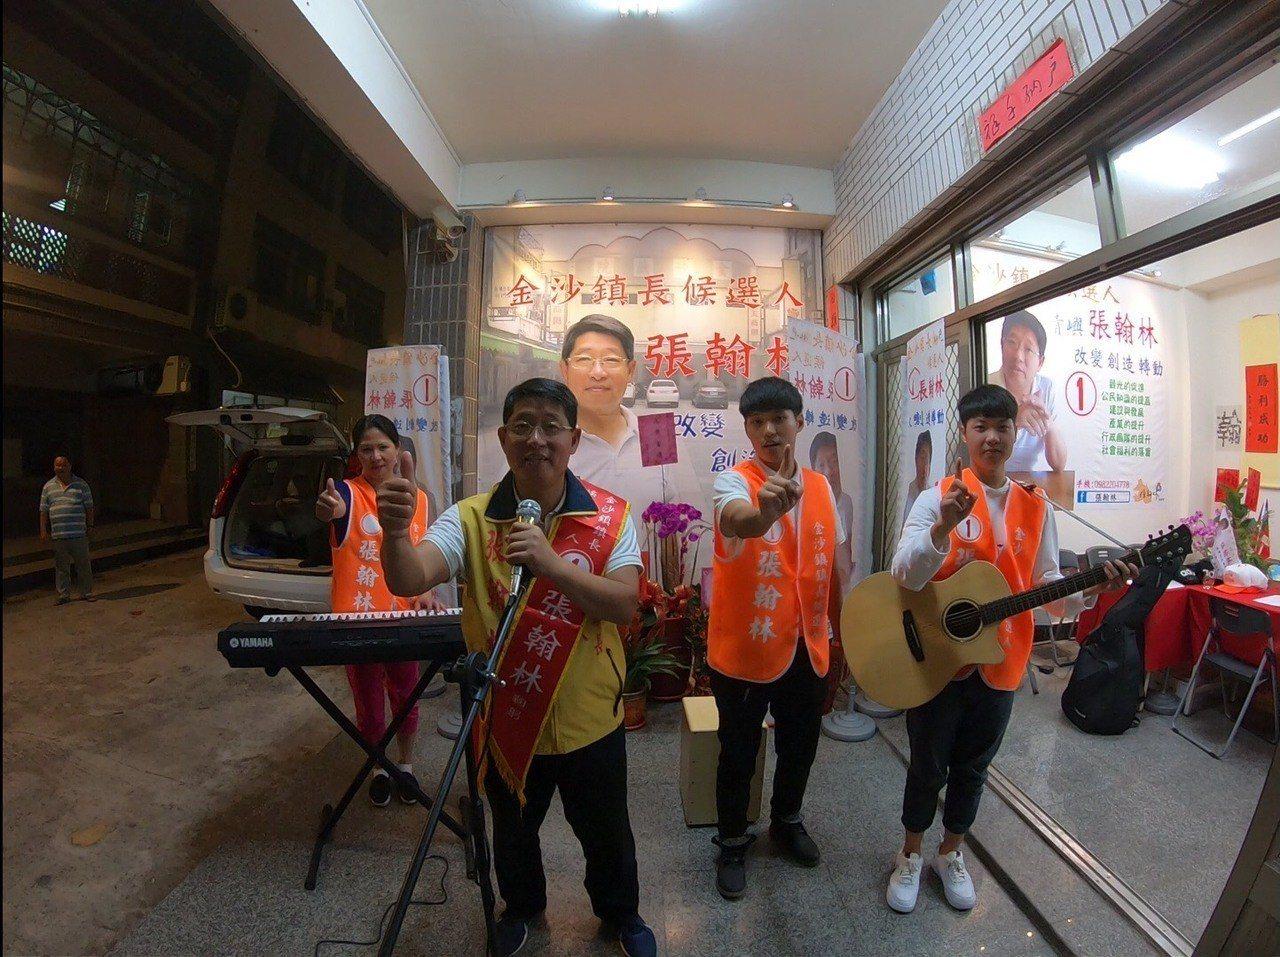 金沙鎮長候選人張翰林(前)推出競選主題曲「選一個不一樣的人」,由他喜歡「玩音樂」...